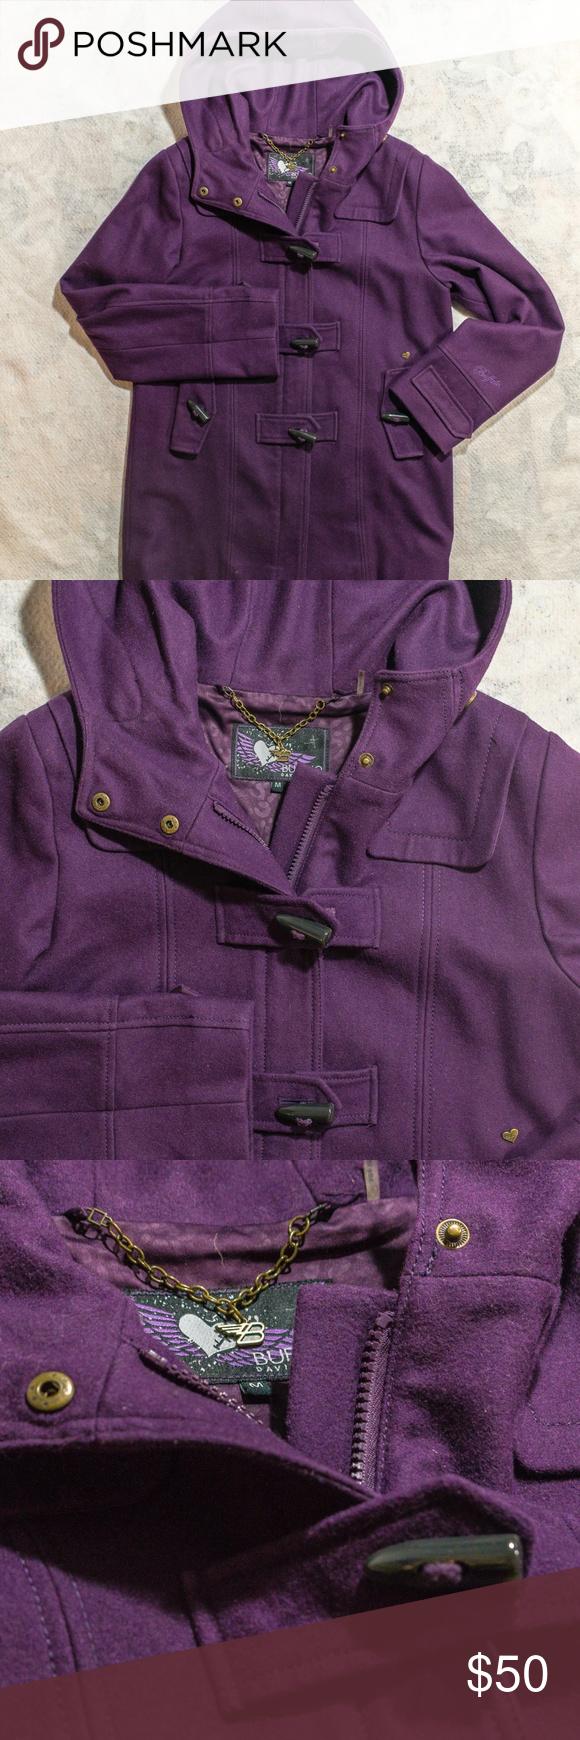 Buffalo David Bitton Wool Purple Duffle Hood Coat Clothes Design Fashion Fashion Design [ 1740 x 580 Pixel ]